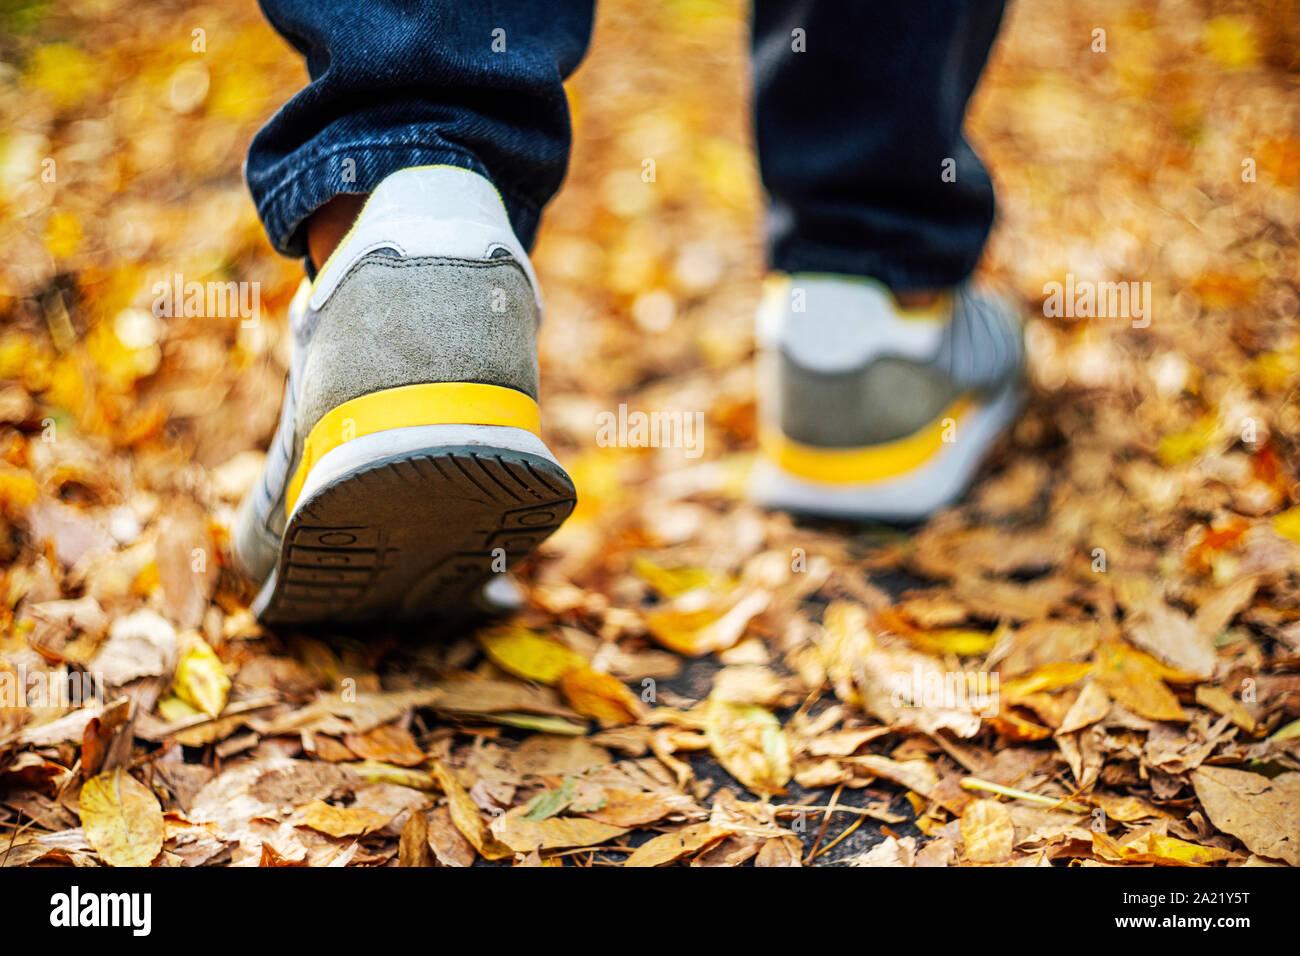 Marcher sur la chaussée en automne. Vue arrière sur les pieds d'un homme marchant le long du trottoir avec tombé foilage. Temps d'automne vide vide Abstract background Banque D'Images